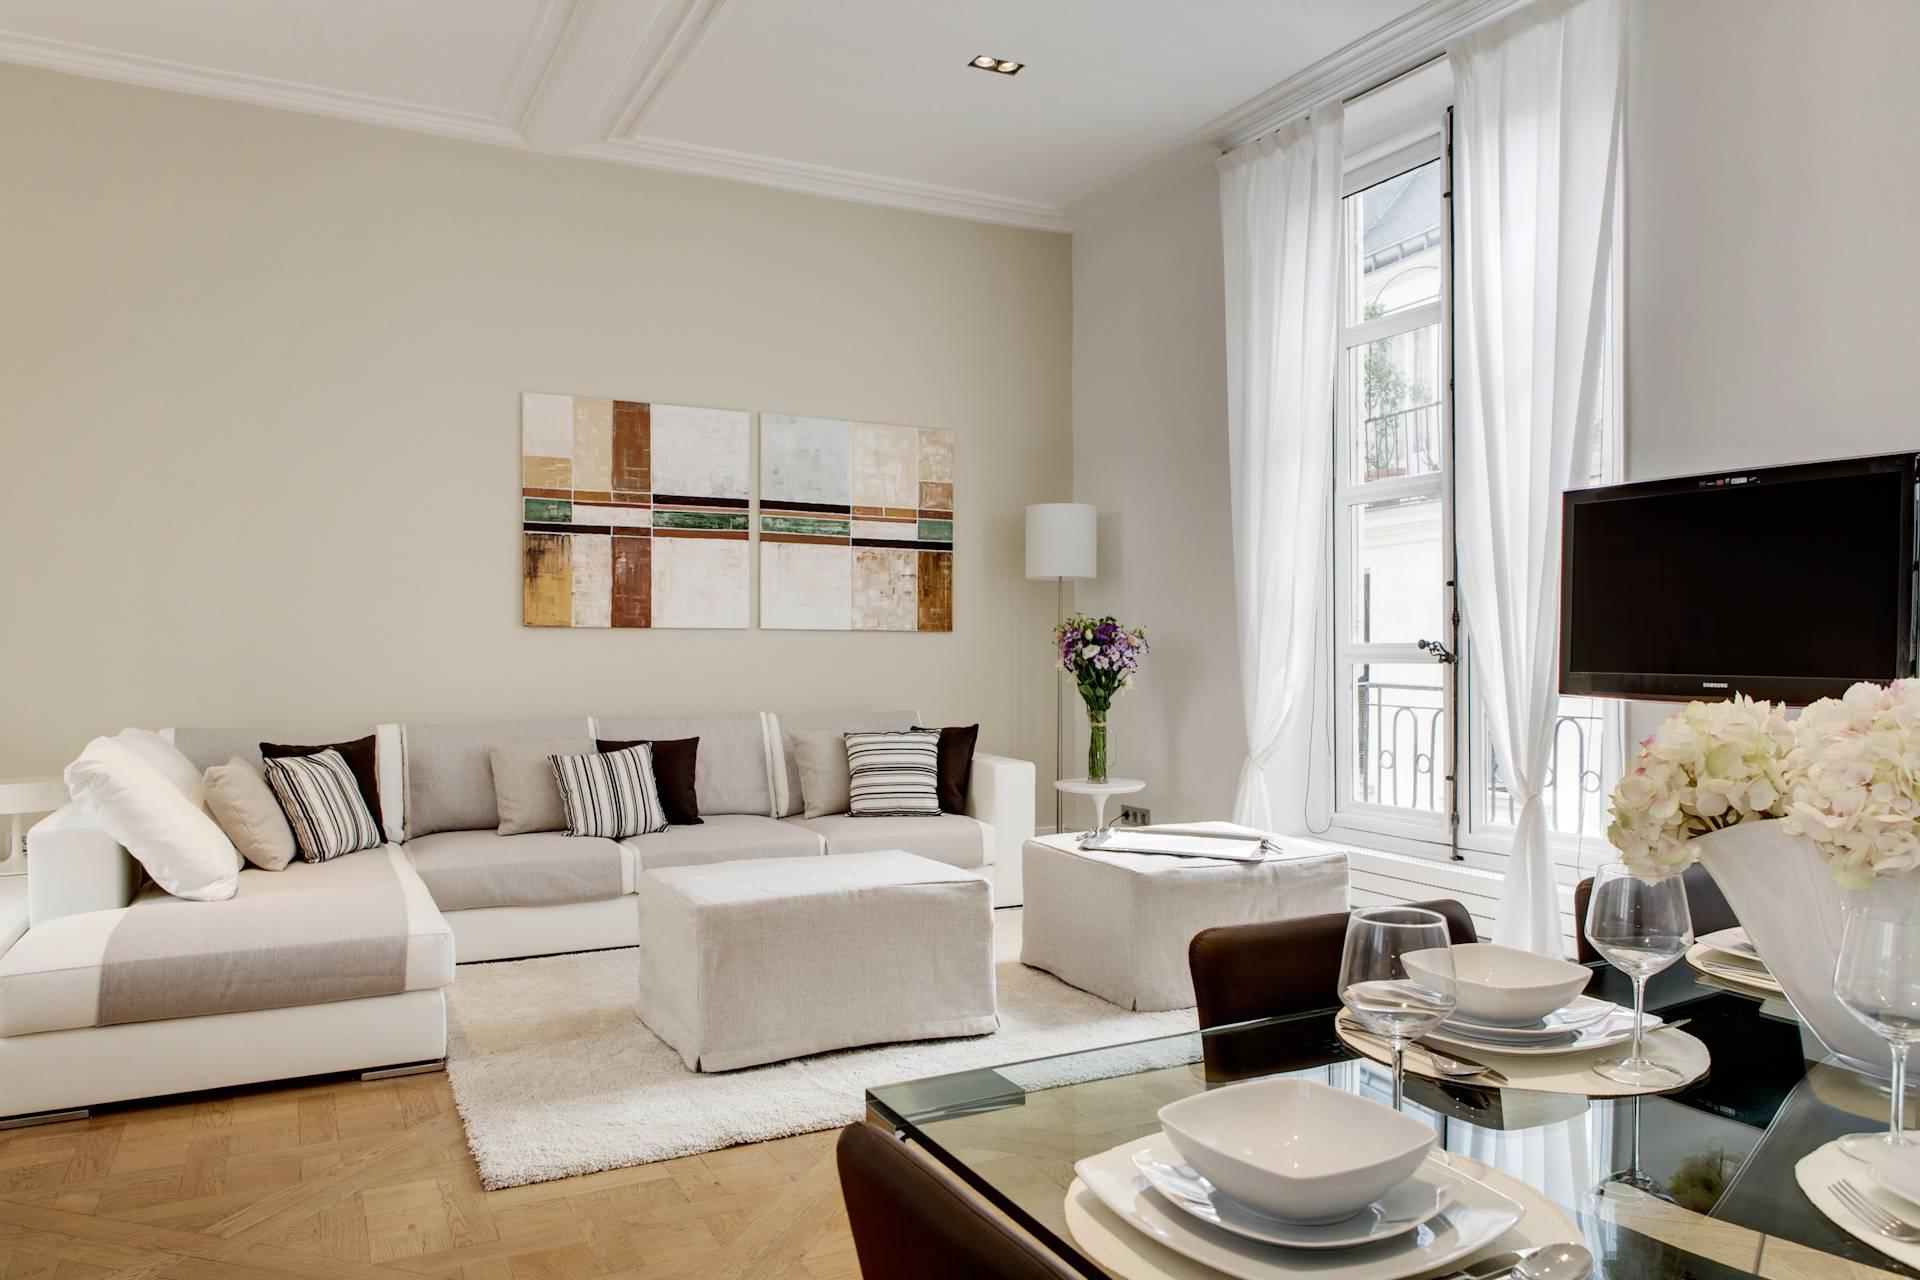 Appartement location meublé paris: magnifique appartement meublé ...